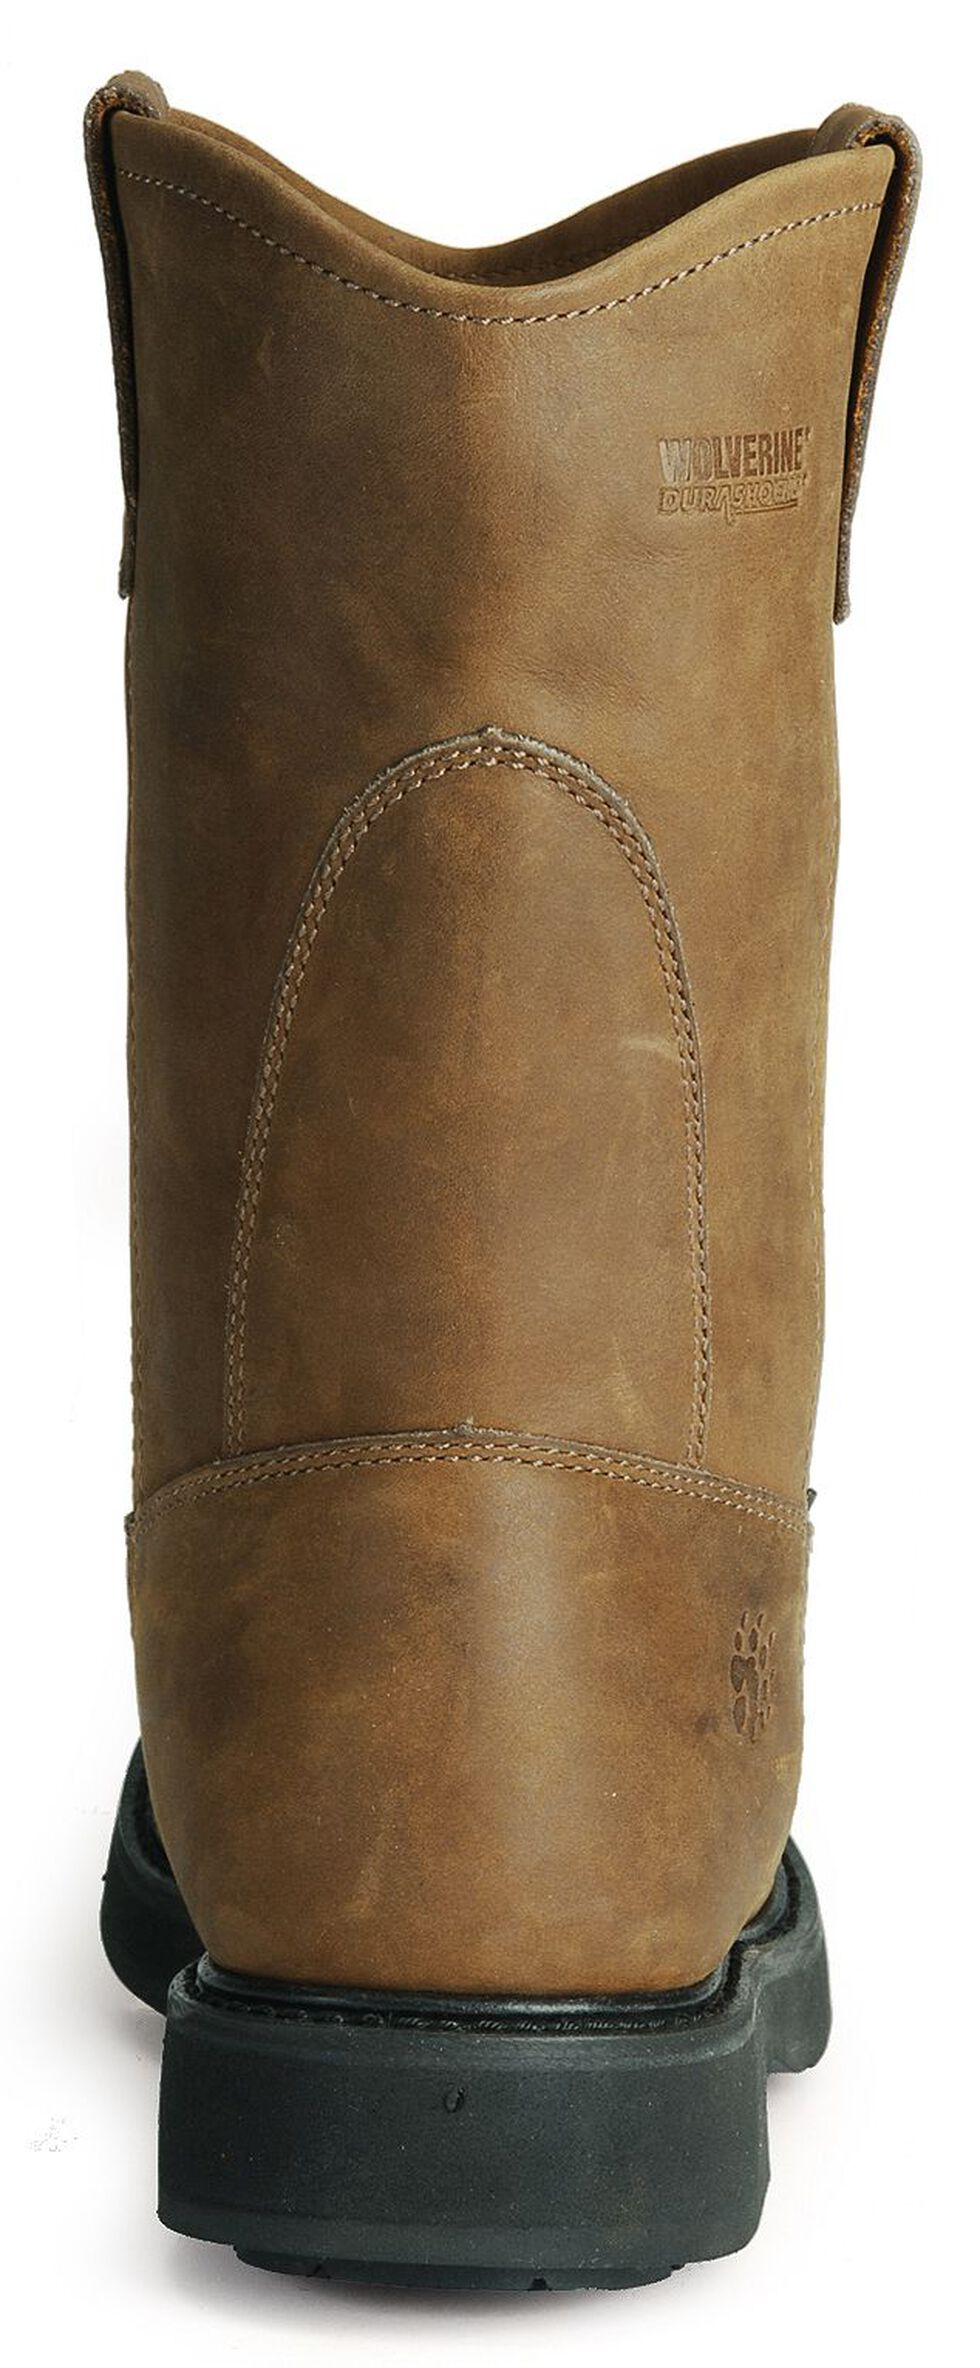 Wolverine Ingham DuraShocks Wellington Work Boots - Round Toe, Dark Brown, hi-res